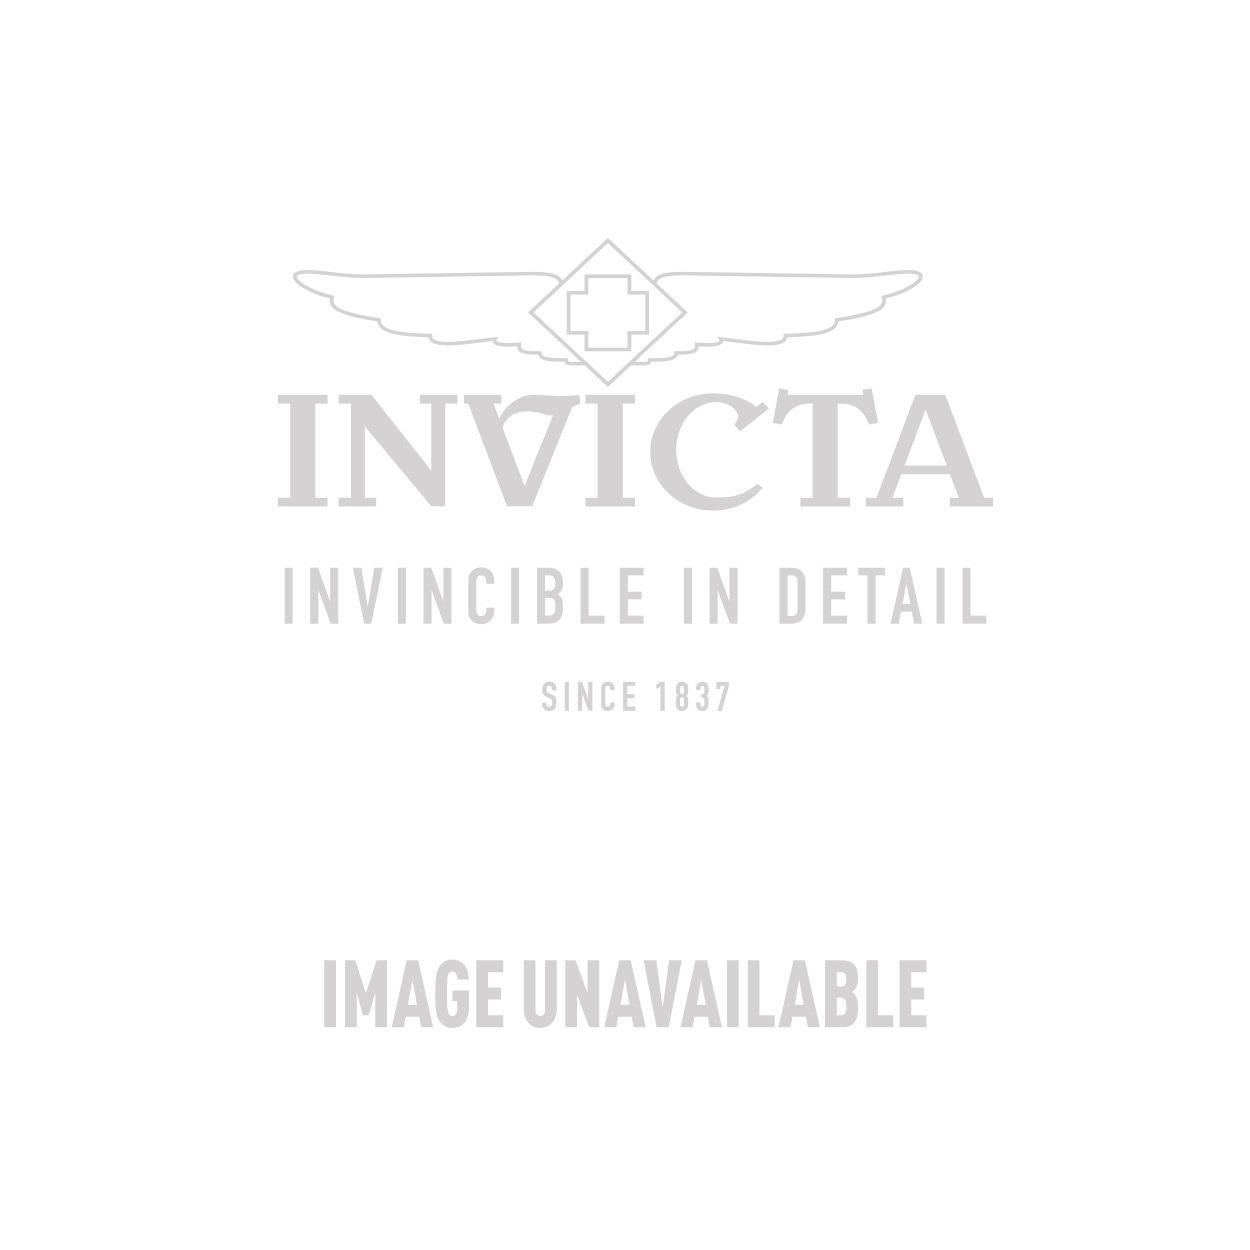 Invicta Model 27780